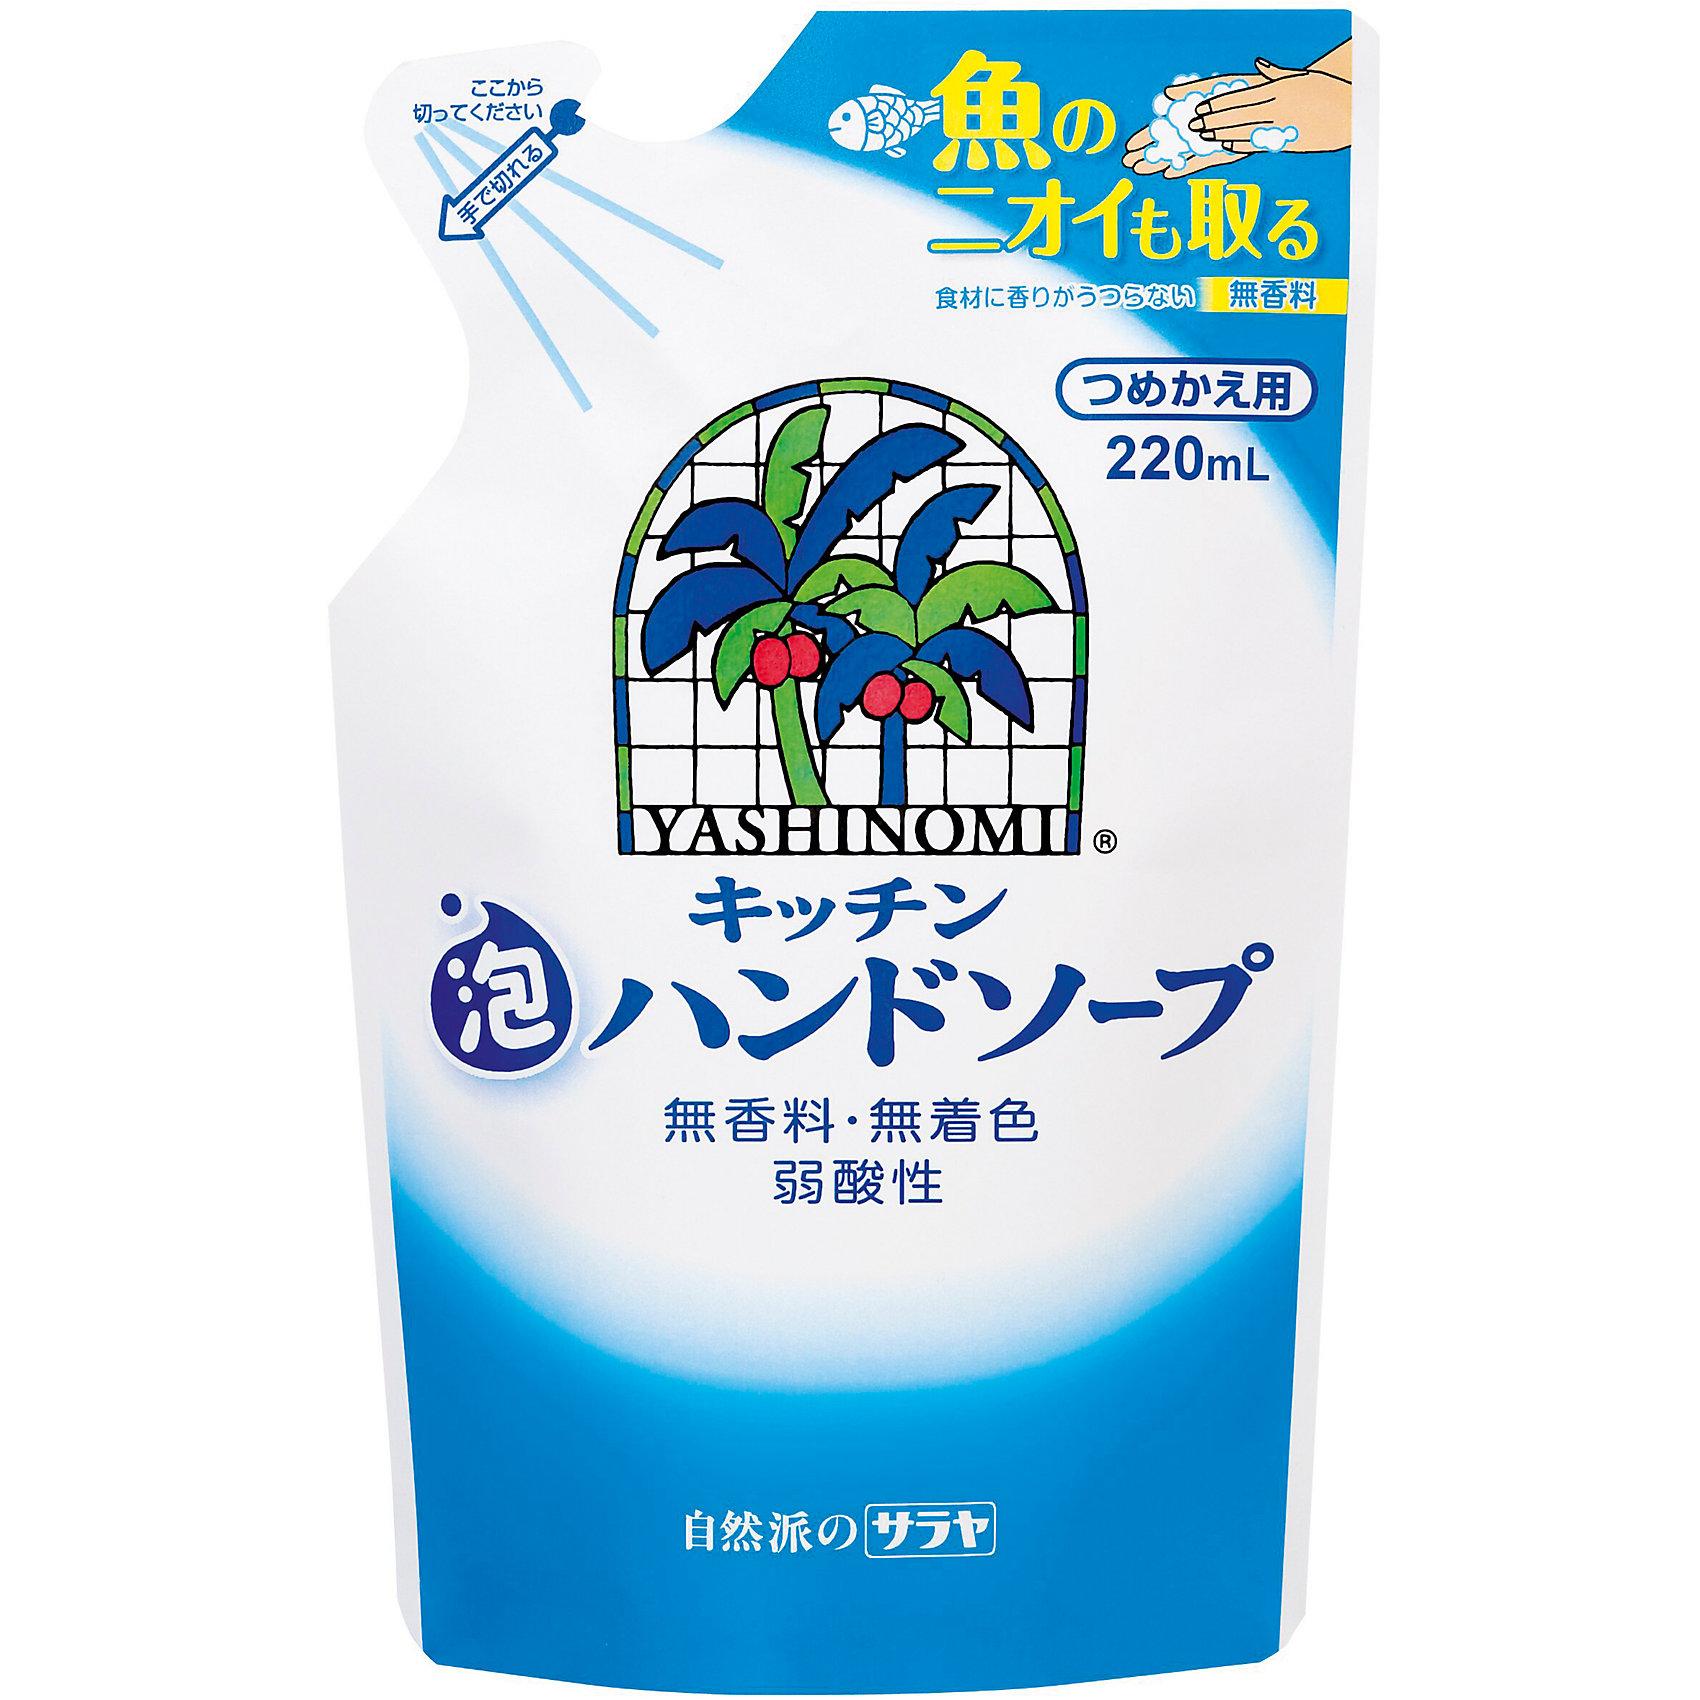 Мыло пенное для рук Arau, наполнитель, 220 мл., sarayaКупание малыша<br>Мыло пенное для рук Yashinomi, 250 мл., Saraya<br><br>Характеристики:<br><br>- объем: 250 мл.<br>- моющая основа на основе пальмового и кокосового масла<br>- без запаха<br>- Страна производитель: Япония<br><br>Пушистая пена прямо из дозатора! Мытье рук на кухне никогда еще не было таким эффективным. Пенное мыло для рук из линии средств для кухни от японского бренда Yashinomi (Яшиноми) поможет добиться самого чистого, и в то же время бережного очищения. Это пенное мыло поможет избавиться от запахов продуктов, которые остаются на руках даже после мытья обычным мылом. <br><br>Многие производители маскируют запах при помощи добавления синтетических ароматизаторов, кухонное мыло для рук Yashinomi (Яшиноми) нейтрализует запахи за счет эффекта небольшого количества цитрусовой кислоты. Все средства линии Yashinomi (Яшиноми) оказывают бережное отношение к окружающей среде и разлагается не загрязняя её. <br><br>Природные компоненты состава этого мыла не провоцируют аллергию, формула мыла проверена дерматологами и не провоцирует раздражение. Эффекты масел обеспечивают комплексное очищение и увлажнение кожи рук, а также легкое осветление. В формулу мыла не входят красители или ненатуральные ароматизаторы. Вы полюбите мыть руки вместе с Yashinomi (Яшиноми)!<br><br>Мыло пенное для рук Yashinomi, 250 мл., Saraya можно купить в нашем интернет-магазине.<br><br>Ширина мм: 315<br>Глубина мм: 290<br>Высота мм: 190<br>Вес г: 300<br>Возраст от месяцев: 216<br>Возраст до месяцев: 1188<br>Пол: Унисекс<br>Возраст: Детский<br>SKU: 5397372